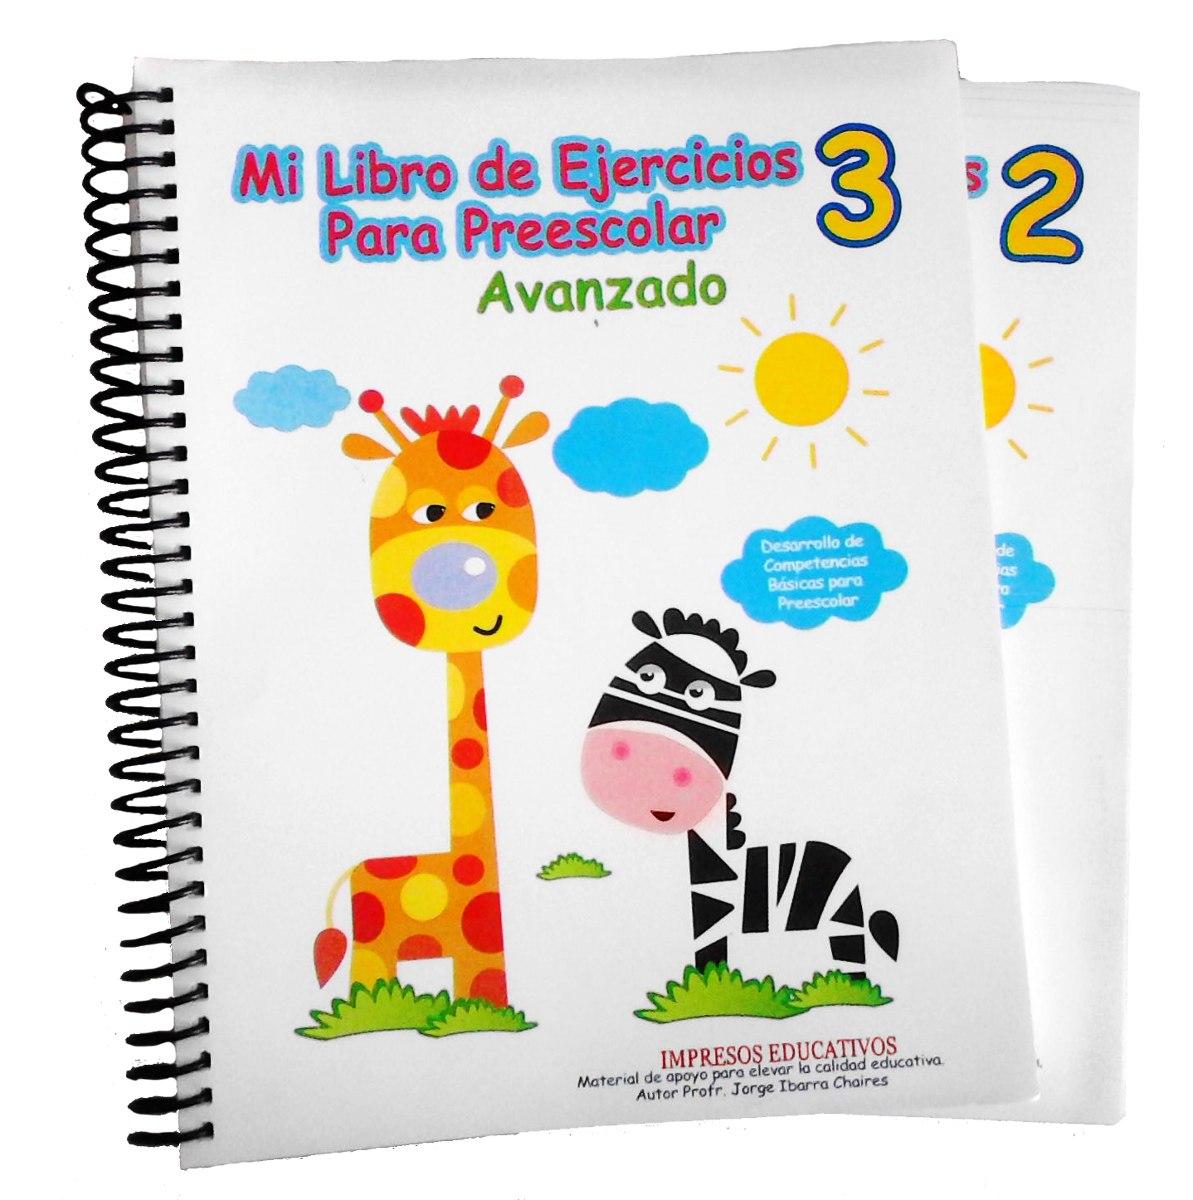 Descargar libros para ni os gratis pdf blog meolusdai94 Libros de ceramica pdf